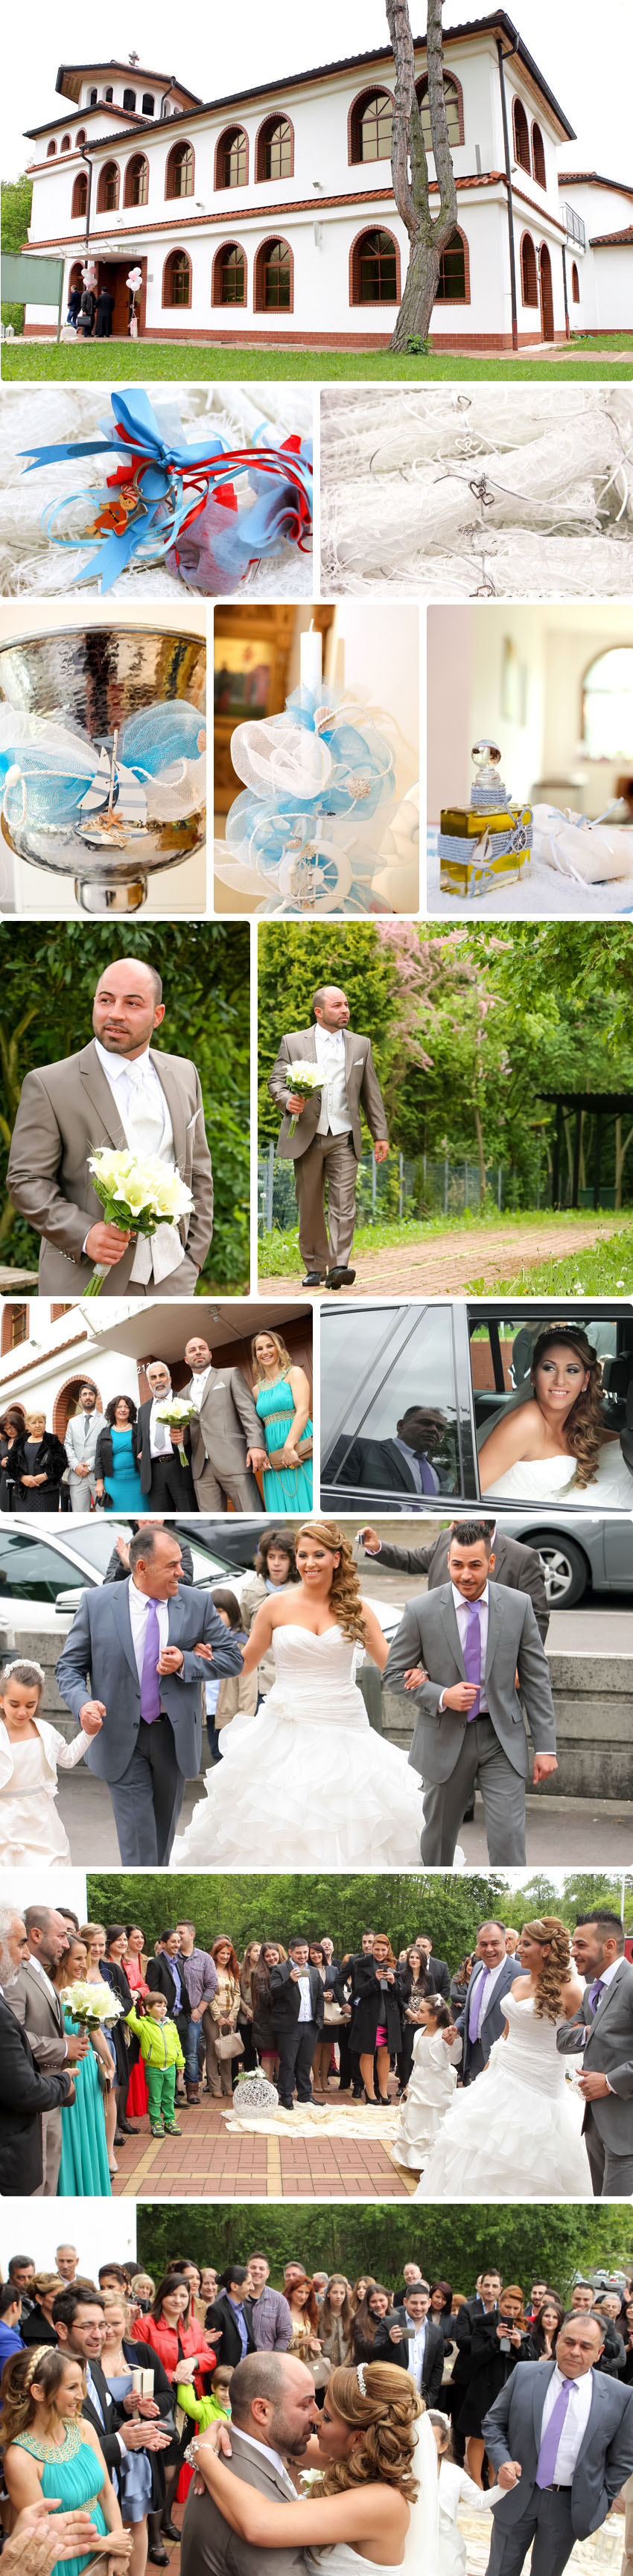 Griechische Hochzeit in Stuttgart Stavroula Stathis 01